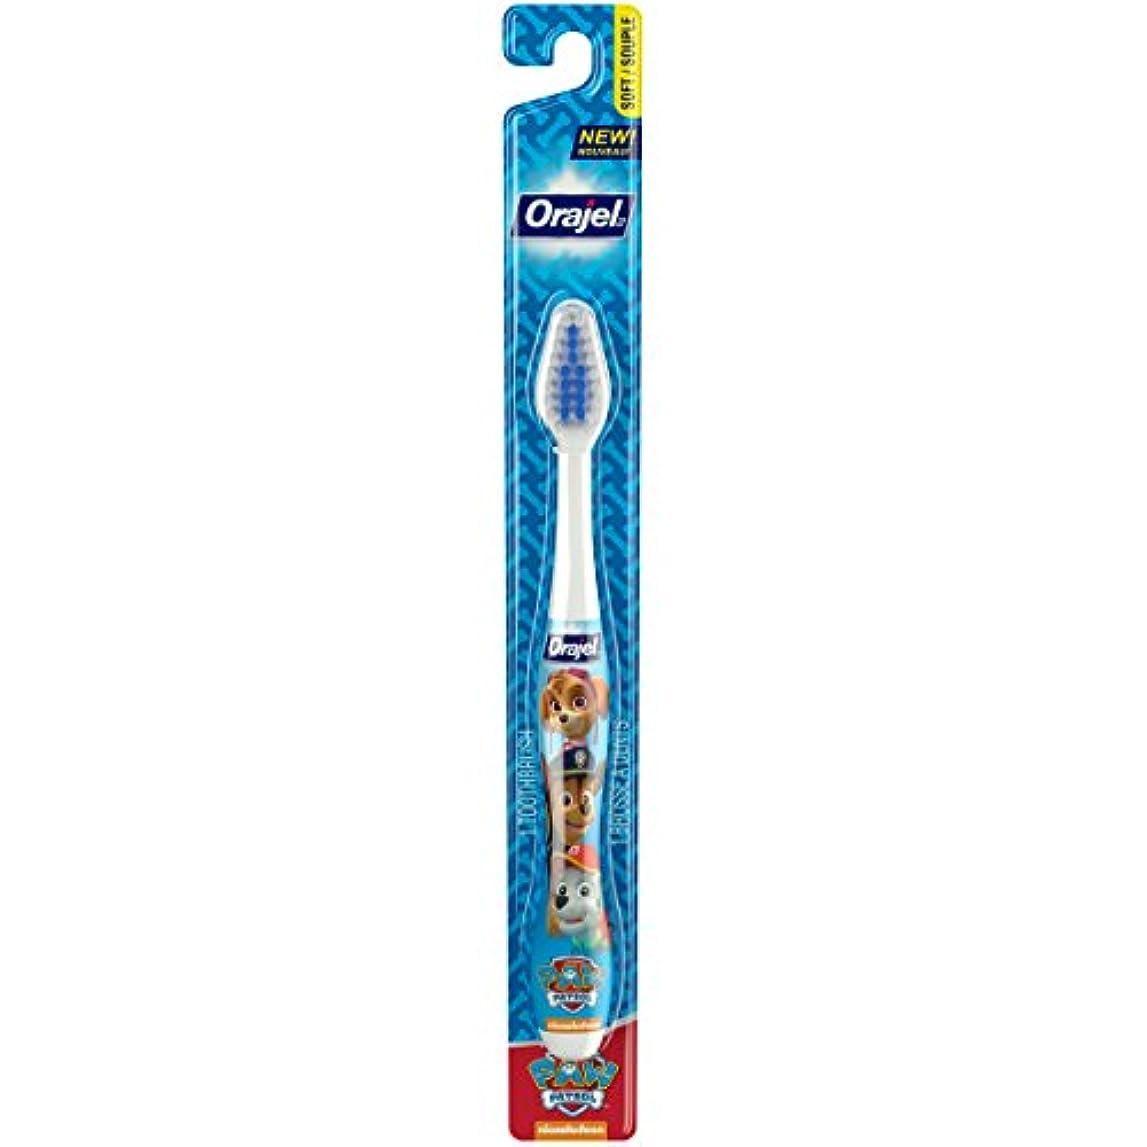 チャンス探偵刈るOrajel ポウパトロール幼児の歯ブラシ